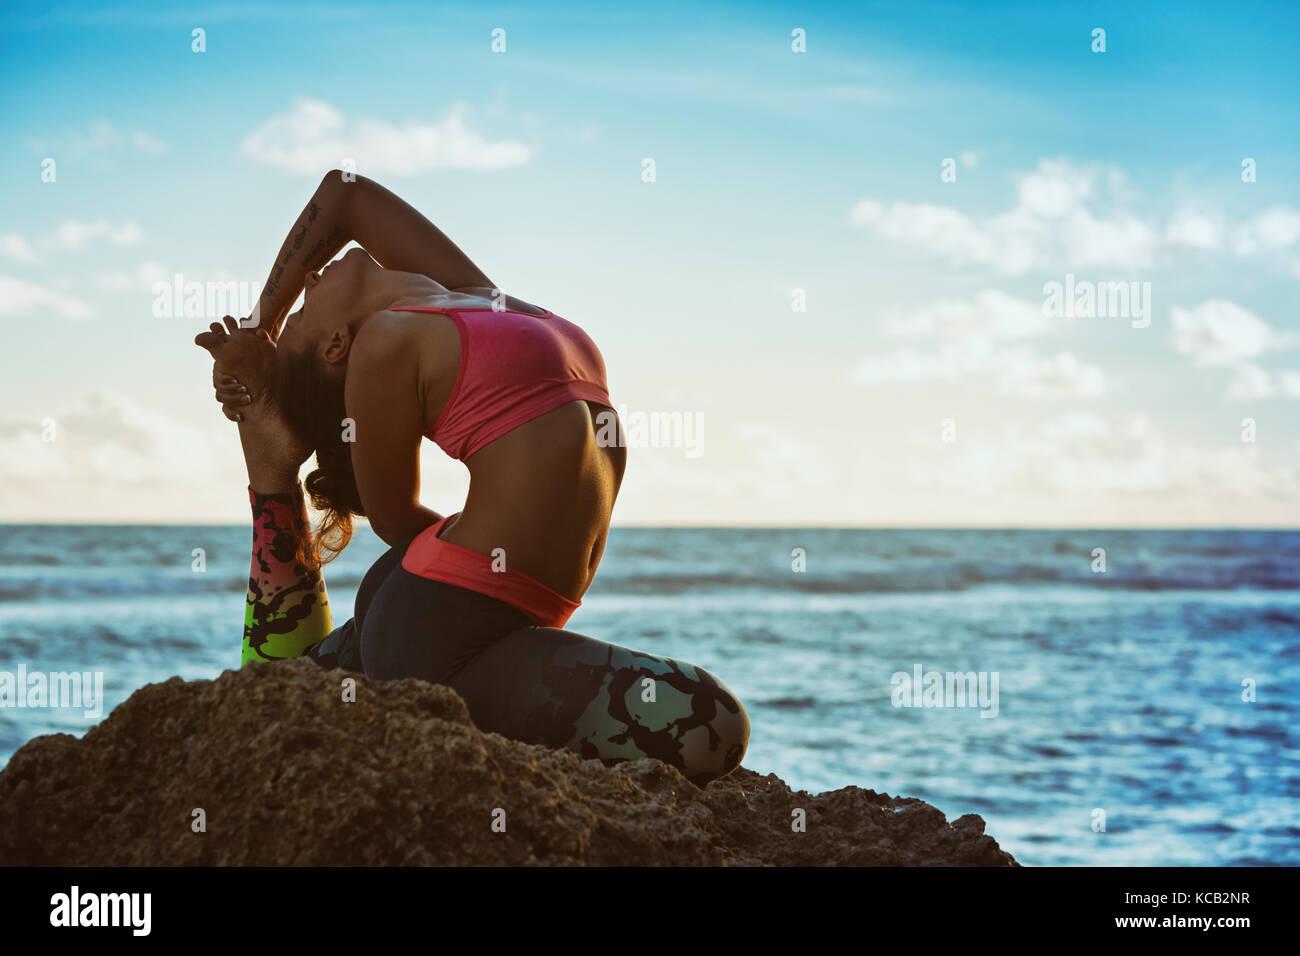 La meditazione sul Cielo di tramonto sfondo. giovani attiva donna sit in yoga pone sulla roccia spiaggia, stretching Immagini Stock